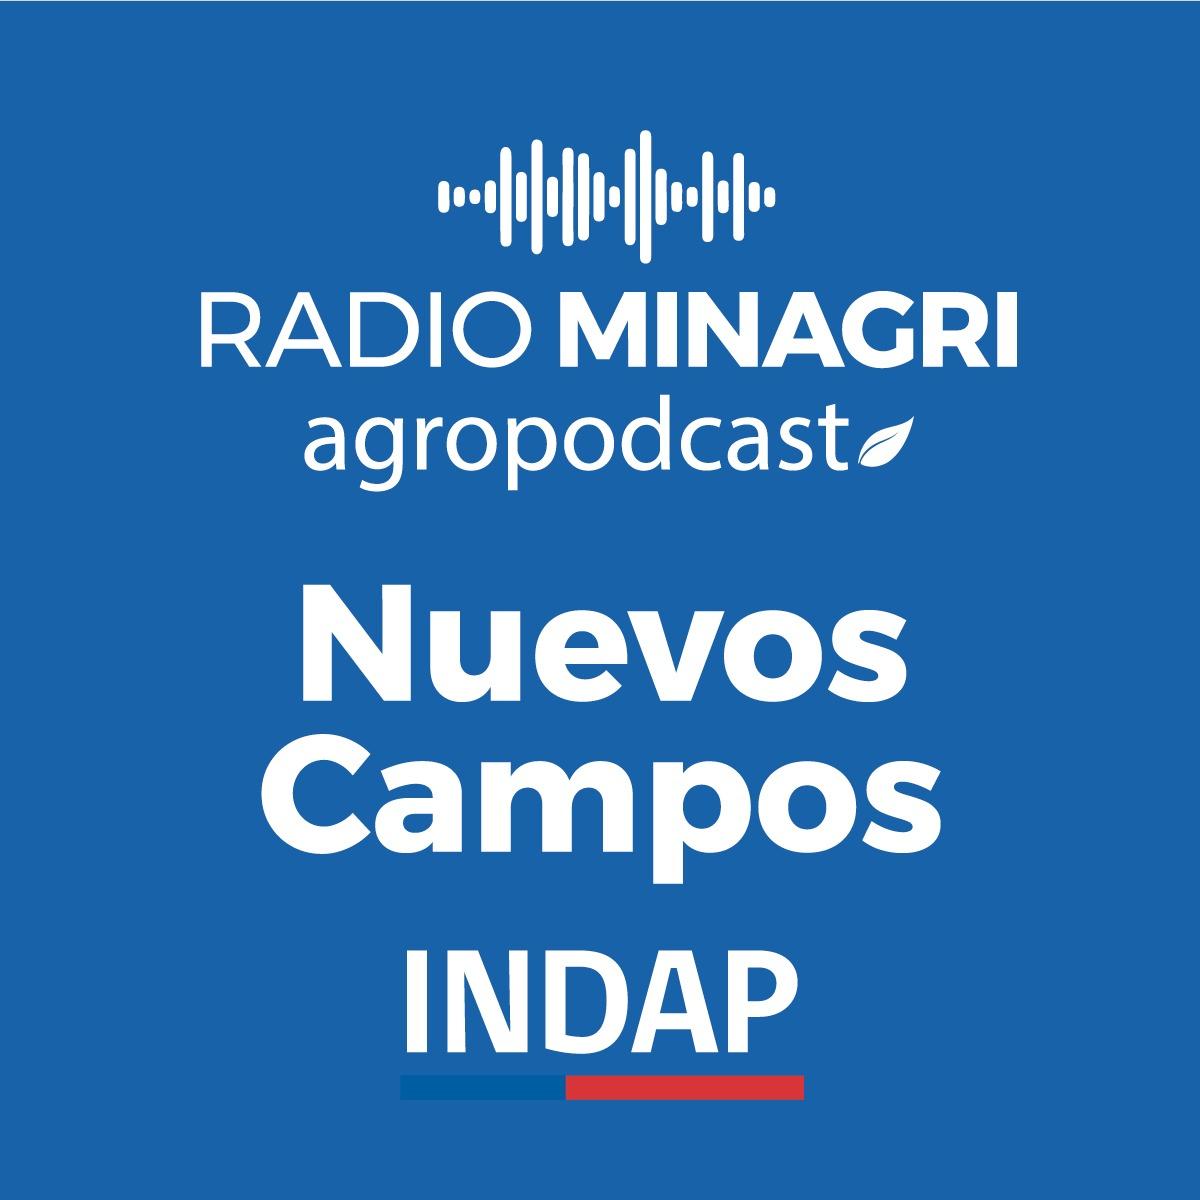 Nuevos campos – Episodio 5: Especial Día del Campesino